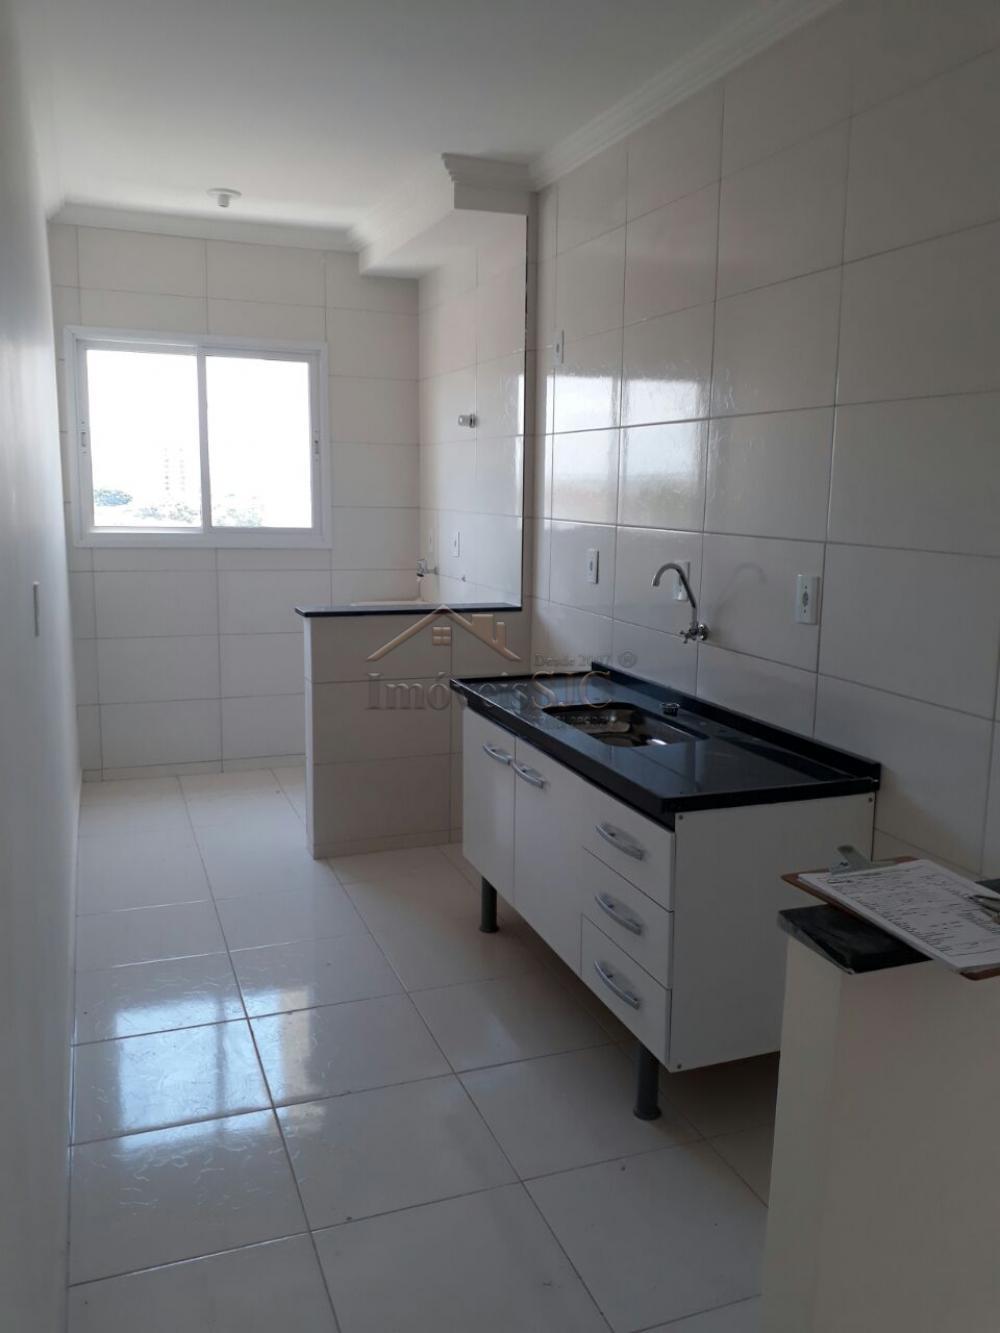 Alugar Apartamentos / Padrão em São José dos Campos apenas R$ 800,00 - Foto 2